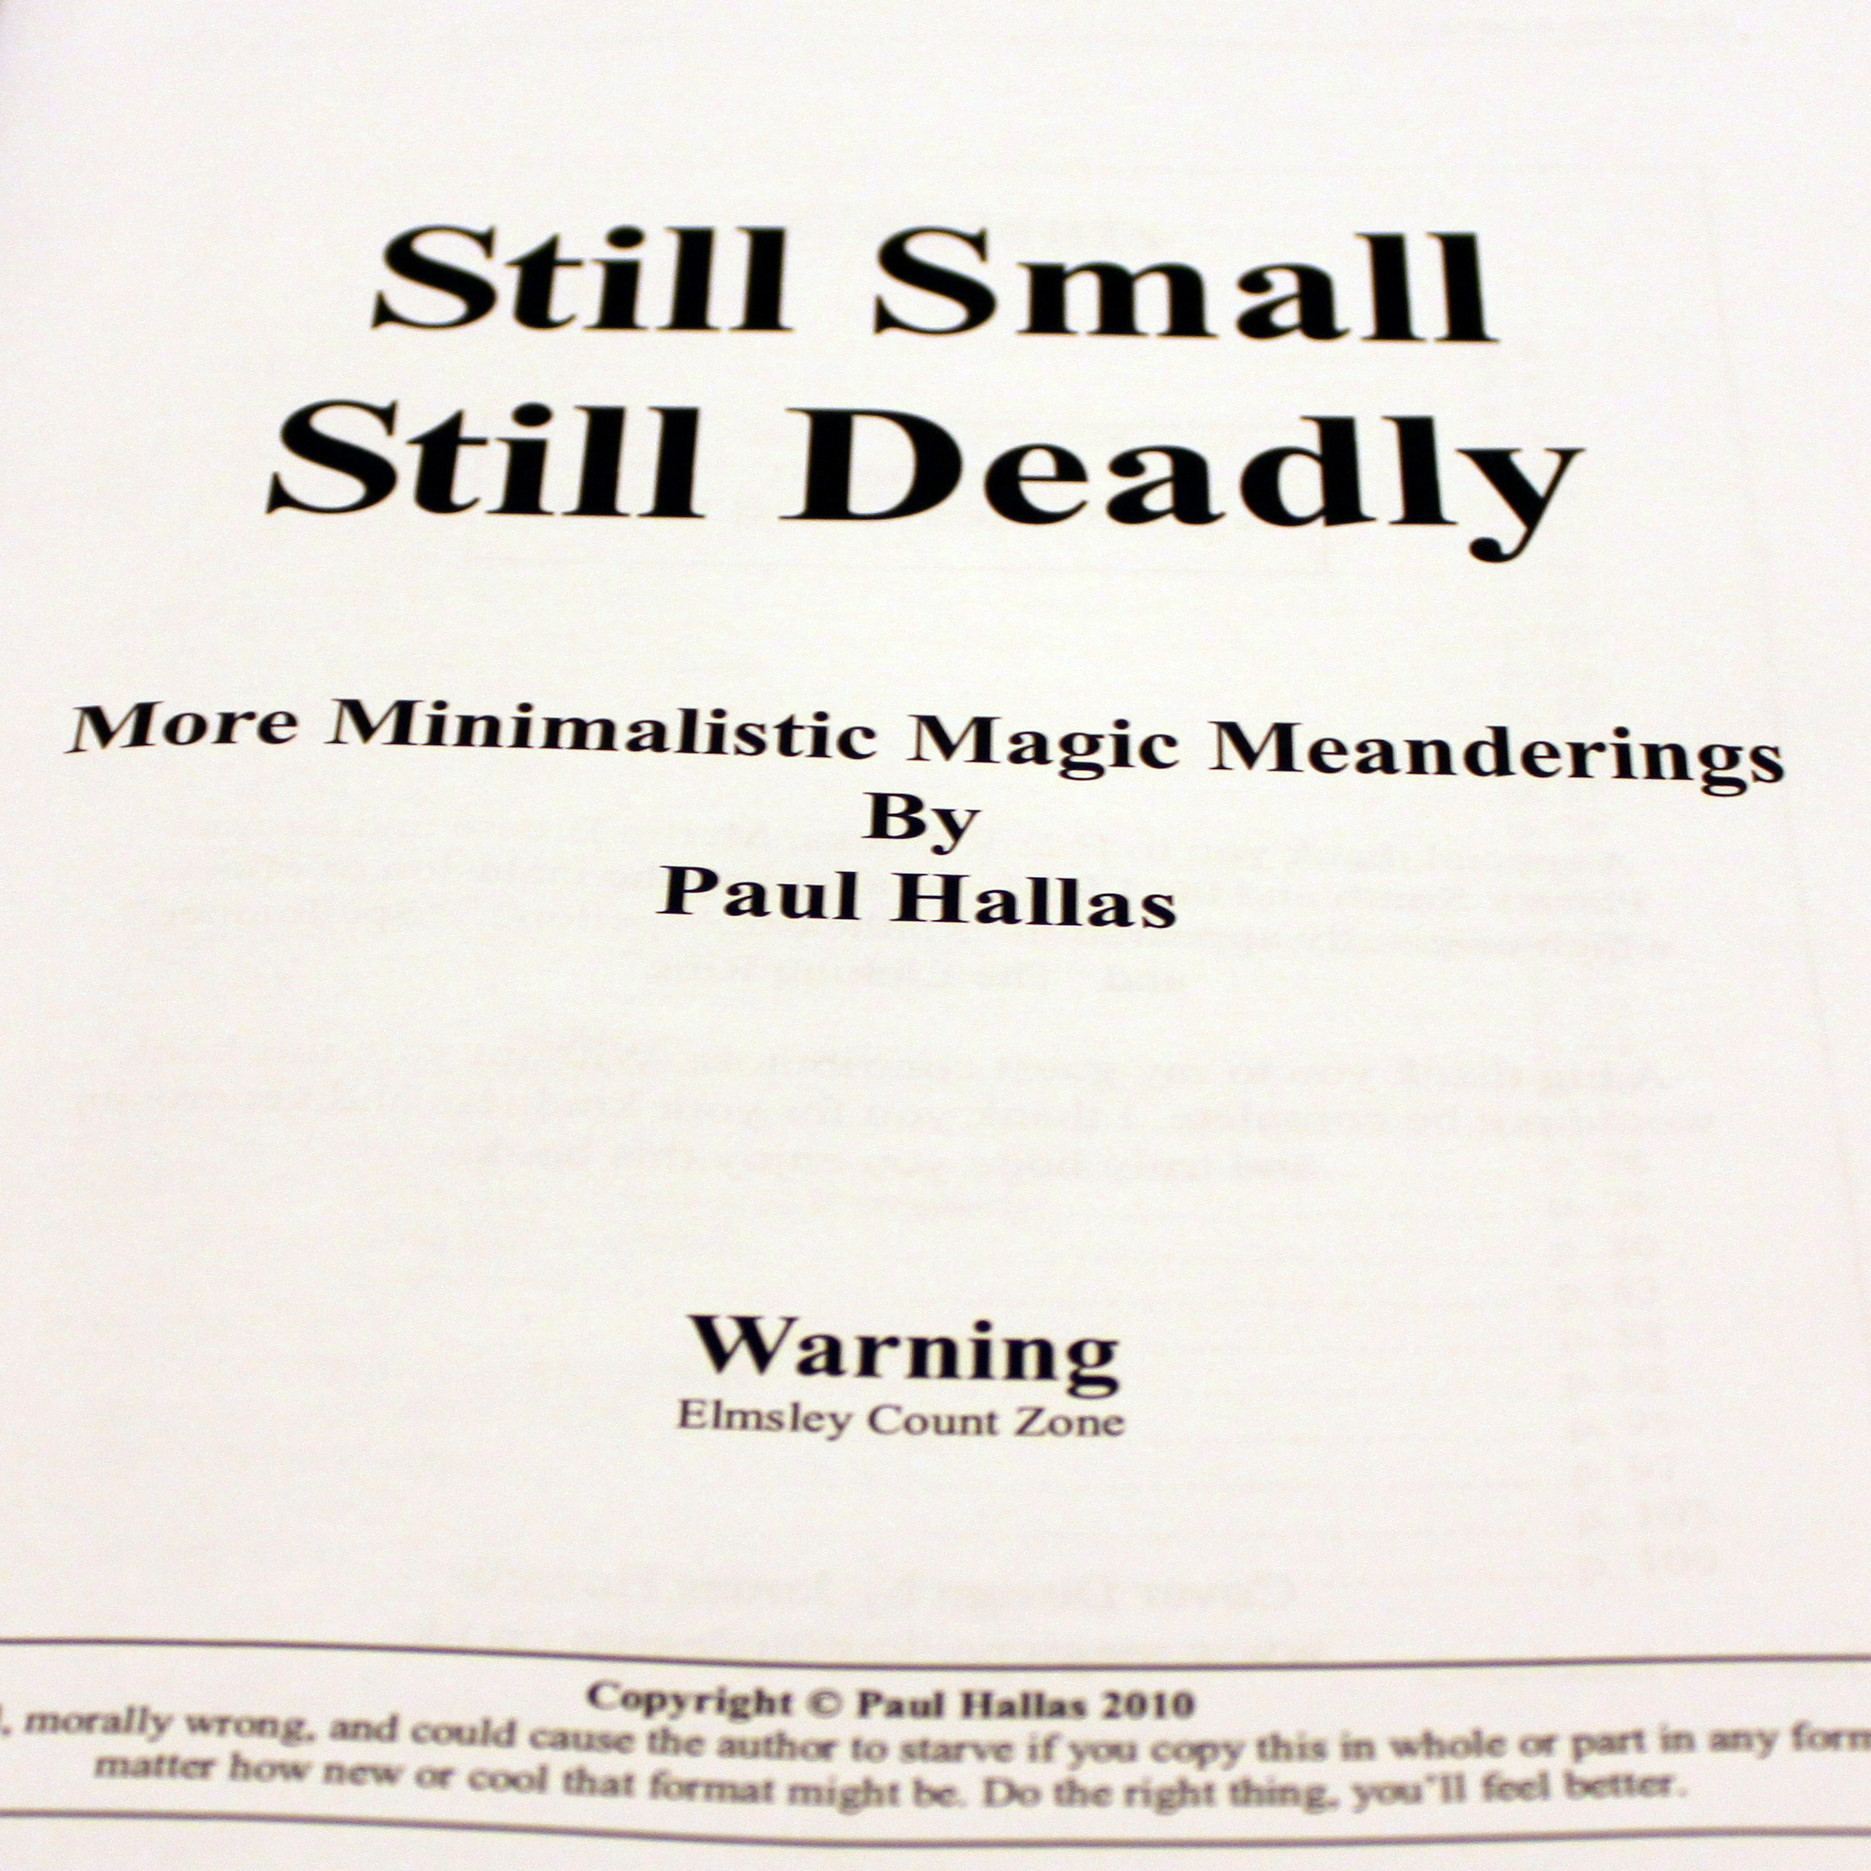 Still Small Still Deadly by Paul Hallas